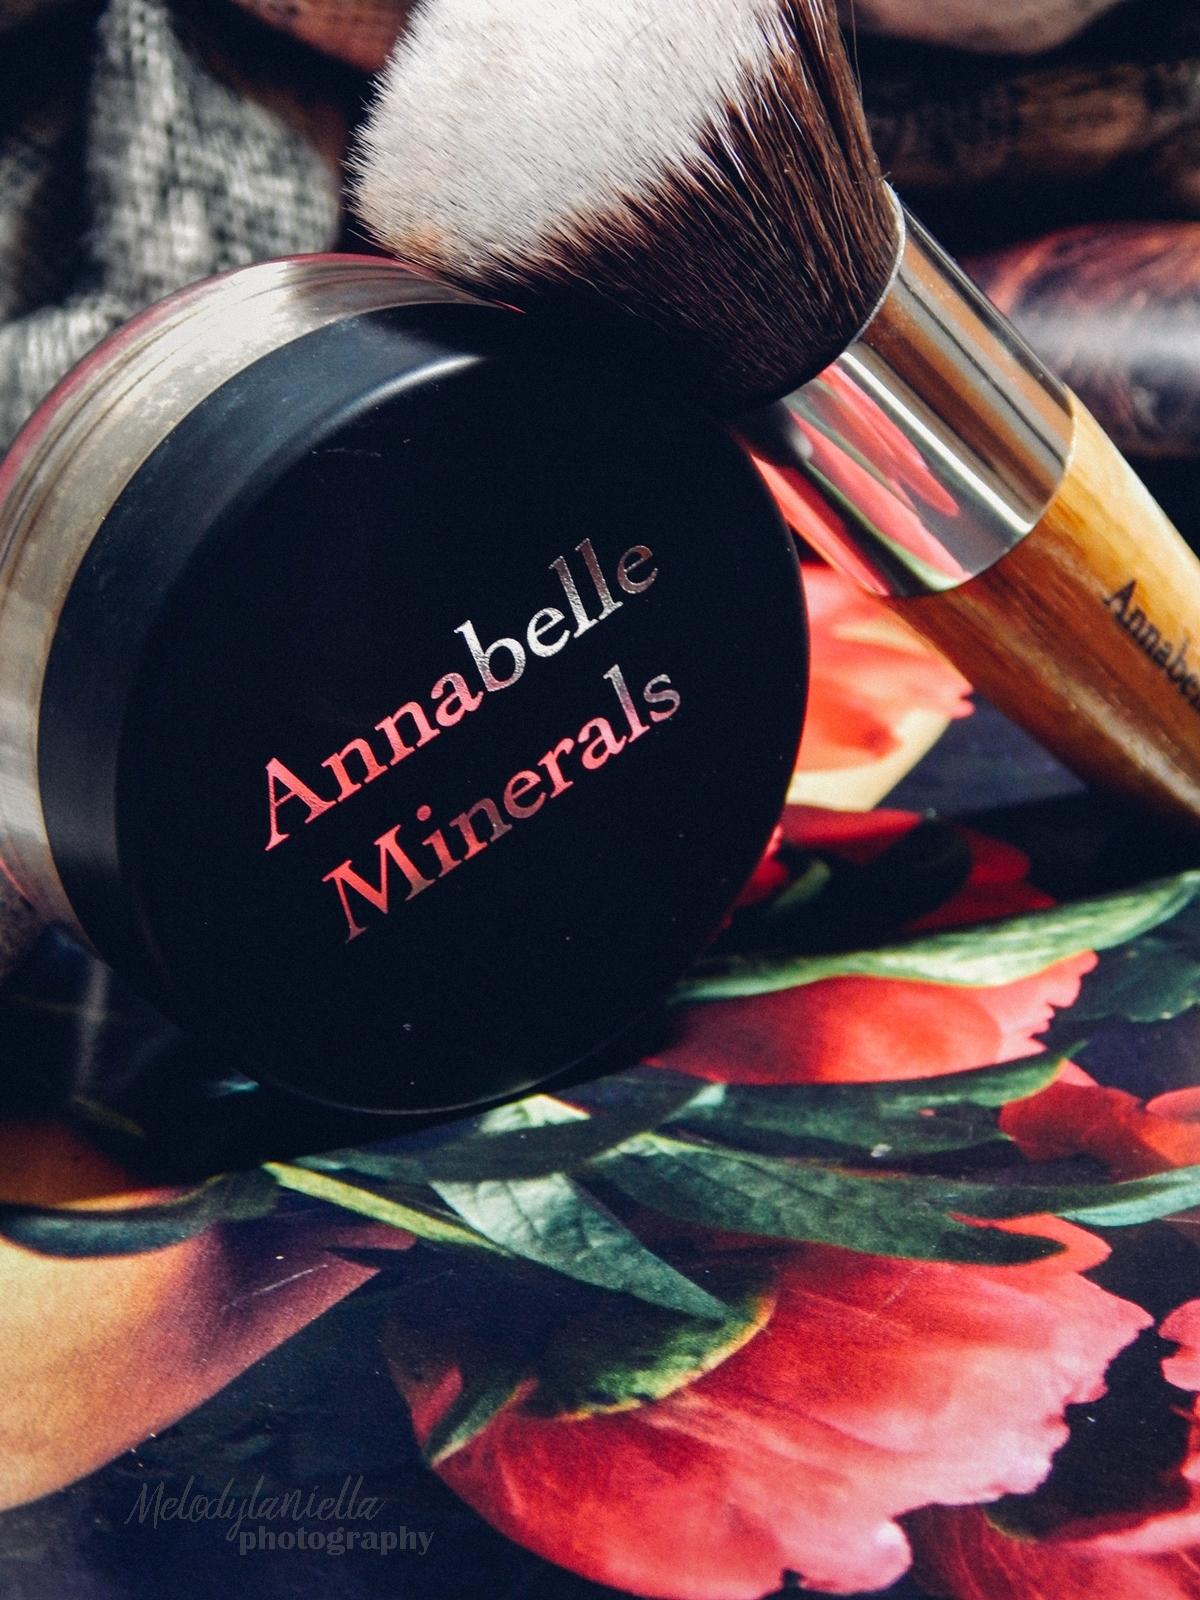 annabelle minerals kosmetyki mineralne zestaw matujący korektor podkład róż gratis pędzel jak używać kosmetyków mineralnych recenzja melodylaniella trzy kroki do zdrowej cery